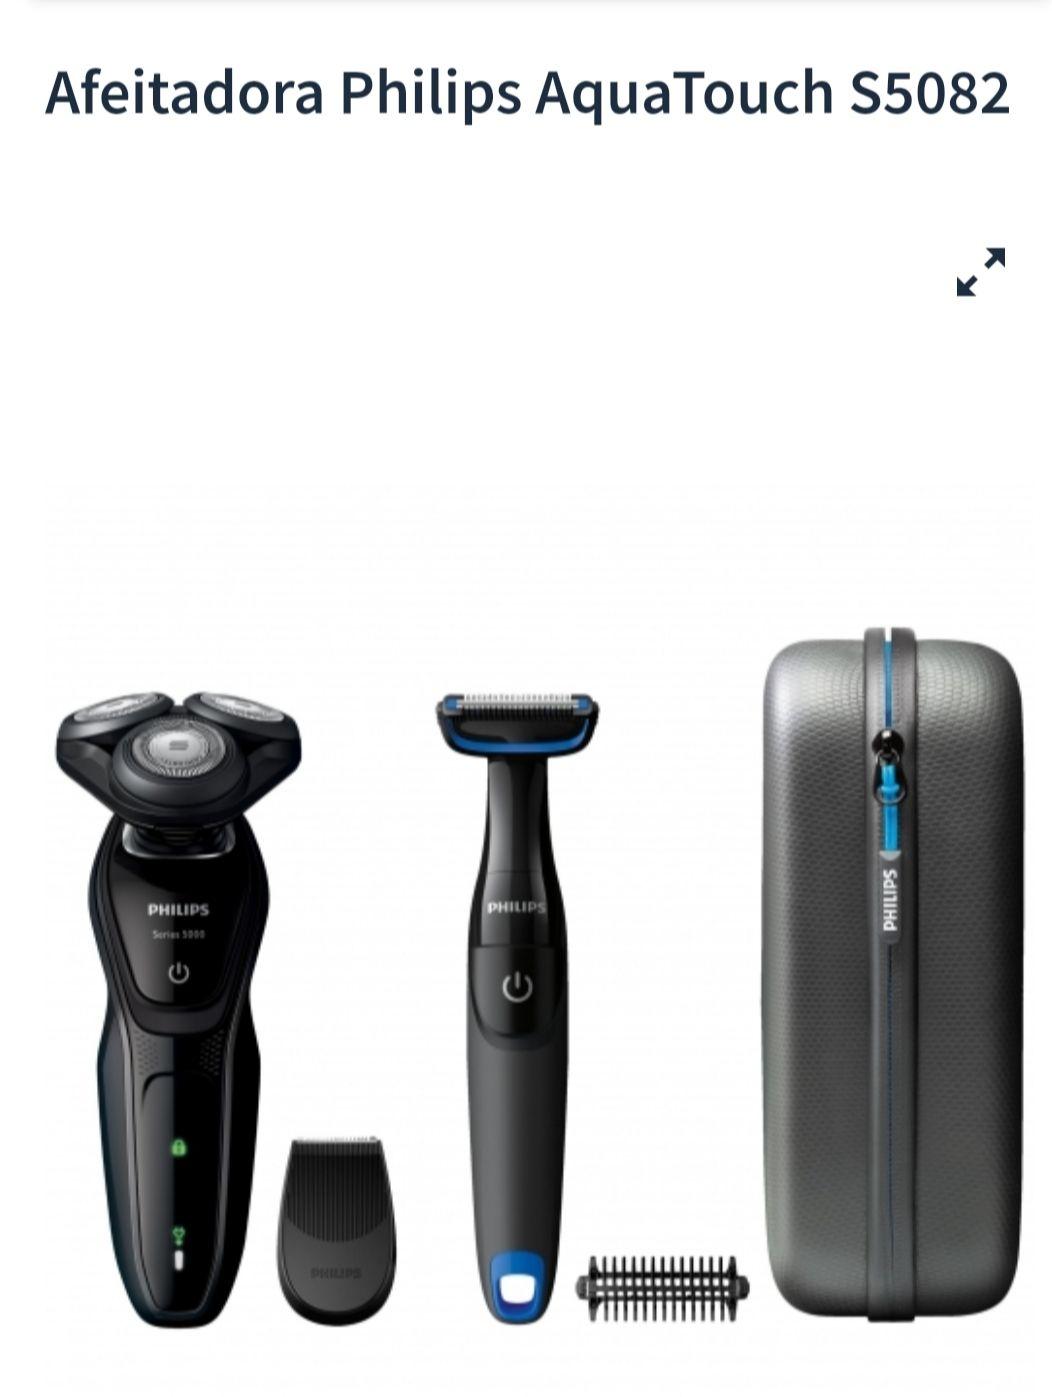 Afeitadora Philips AquaTouch S5082 + Bodygroom recortadora